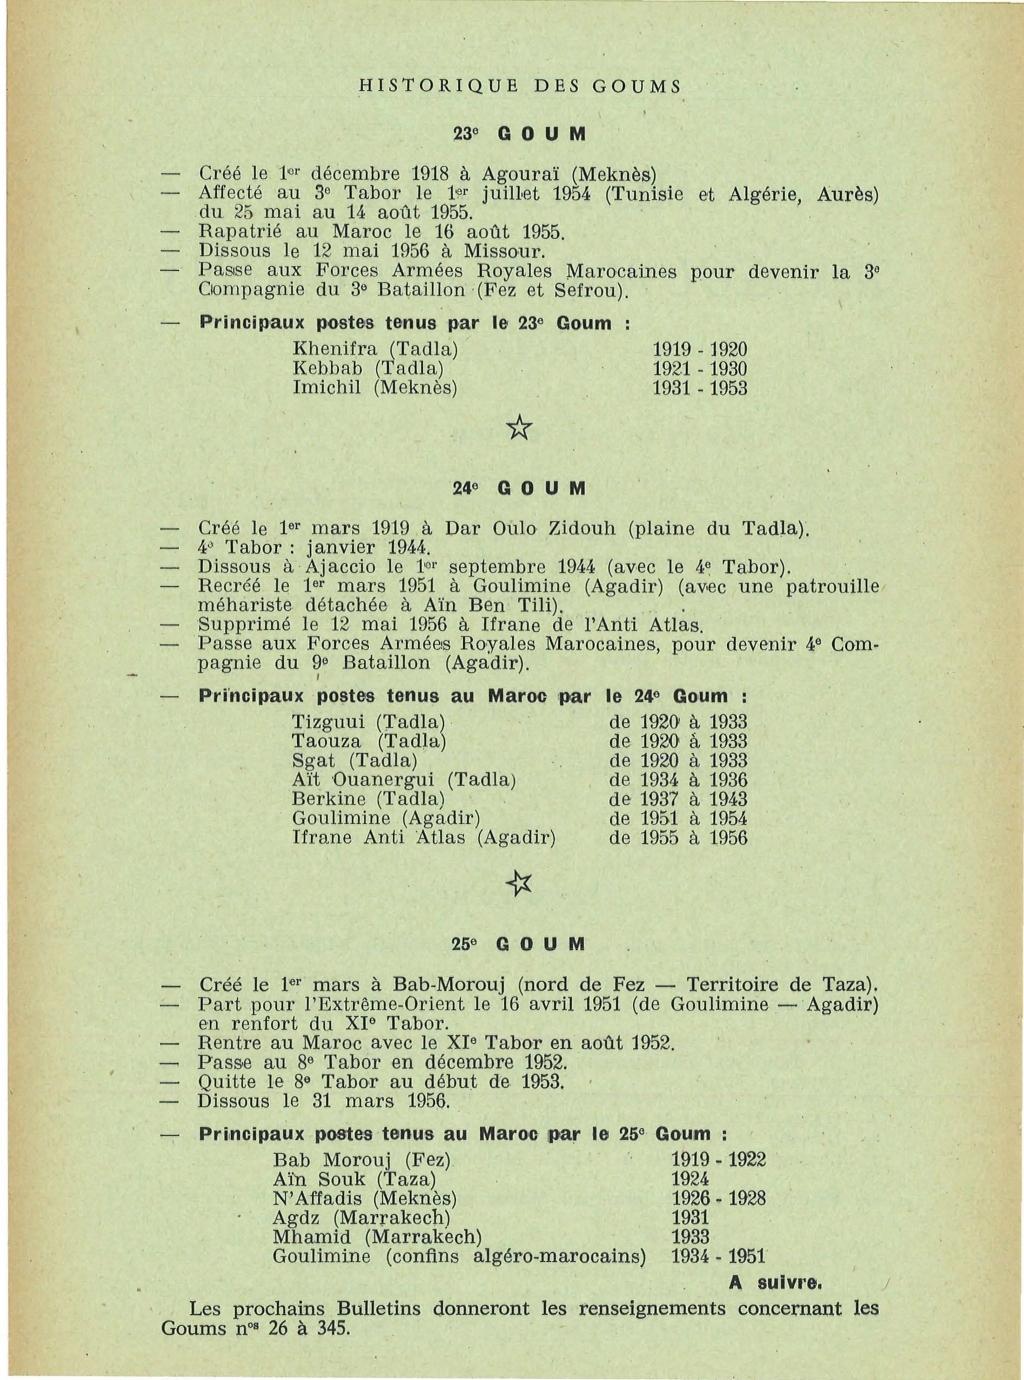 12 mai 1956 - Dissolution des Goumiers & integration aux FAR La_kou19